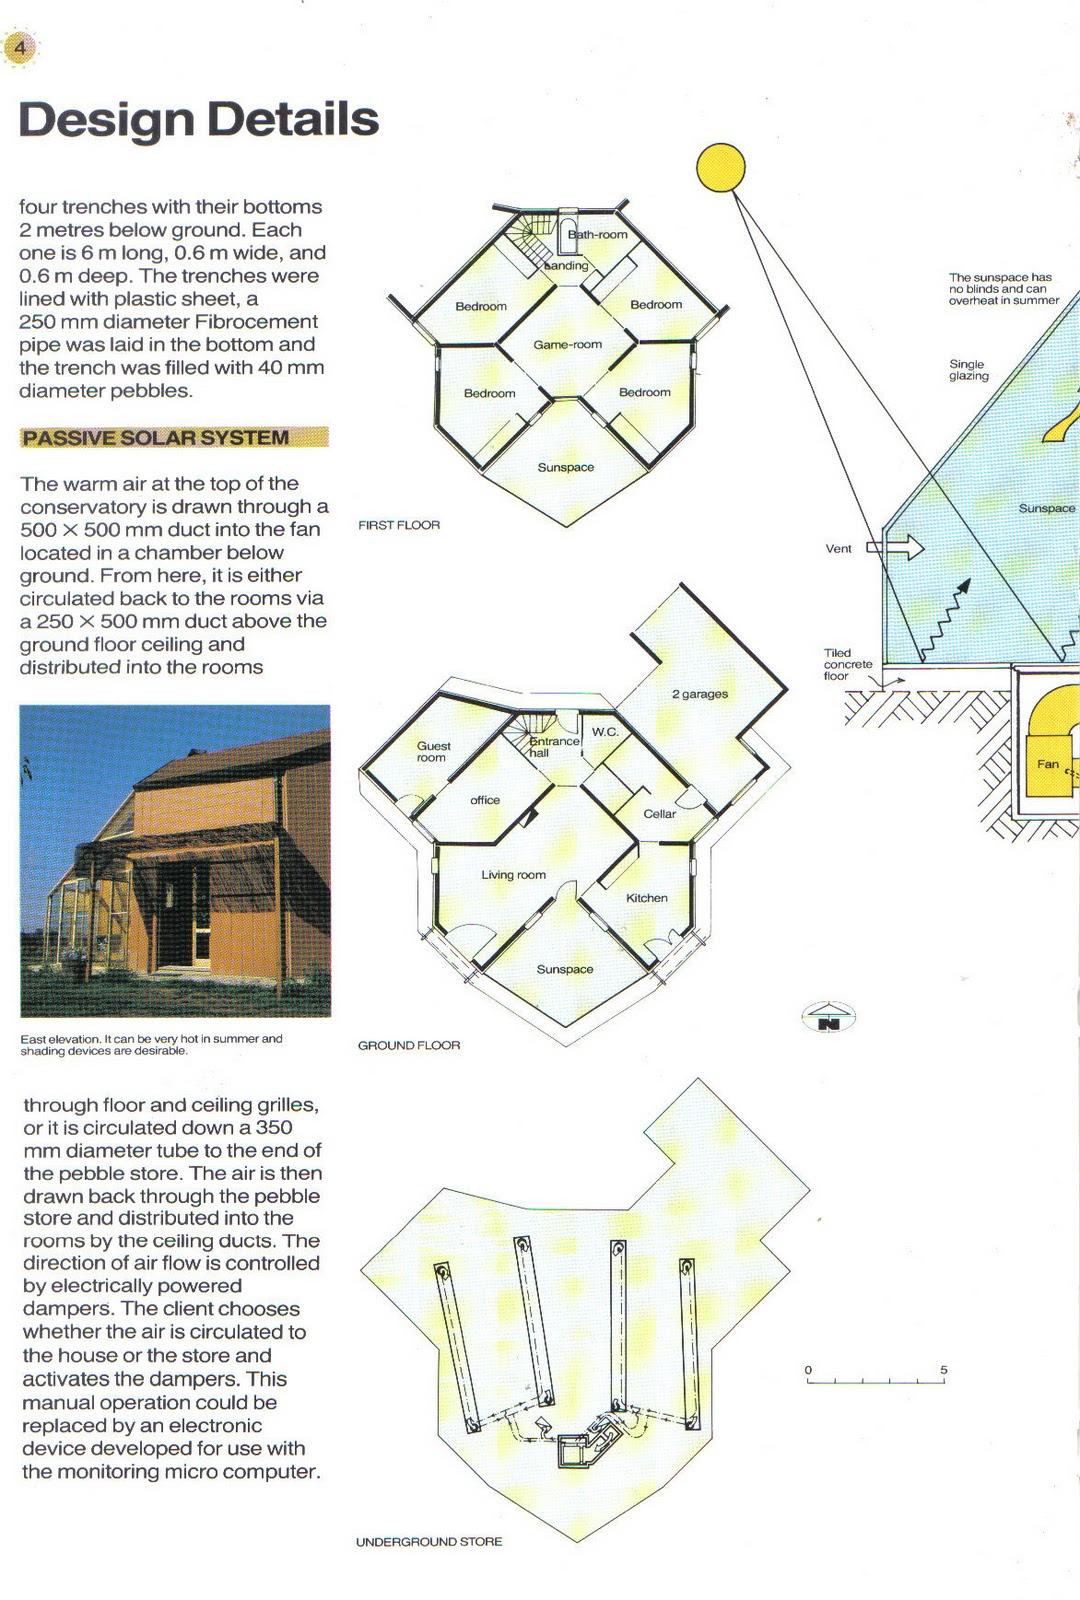 maison passive toulouse trendy achat maison toulouse achat maison toulouse immobilier toulouse. Black Bedroom Furniture Sets. Home Design Ideas